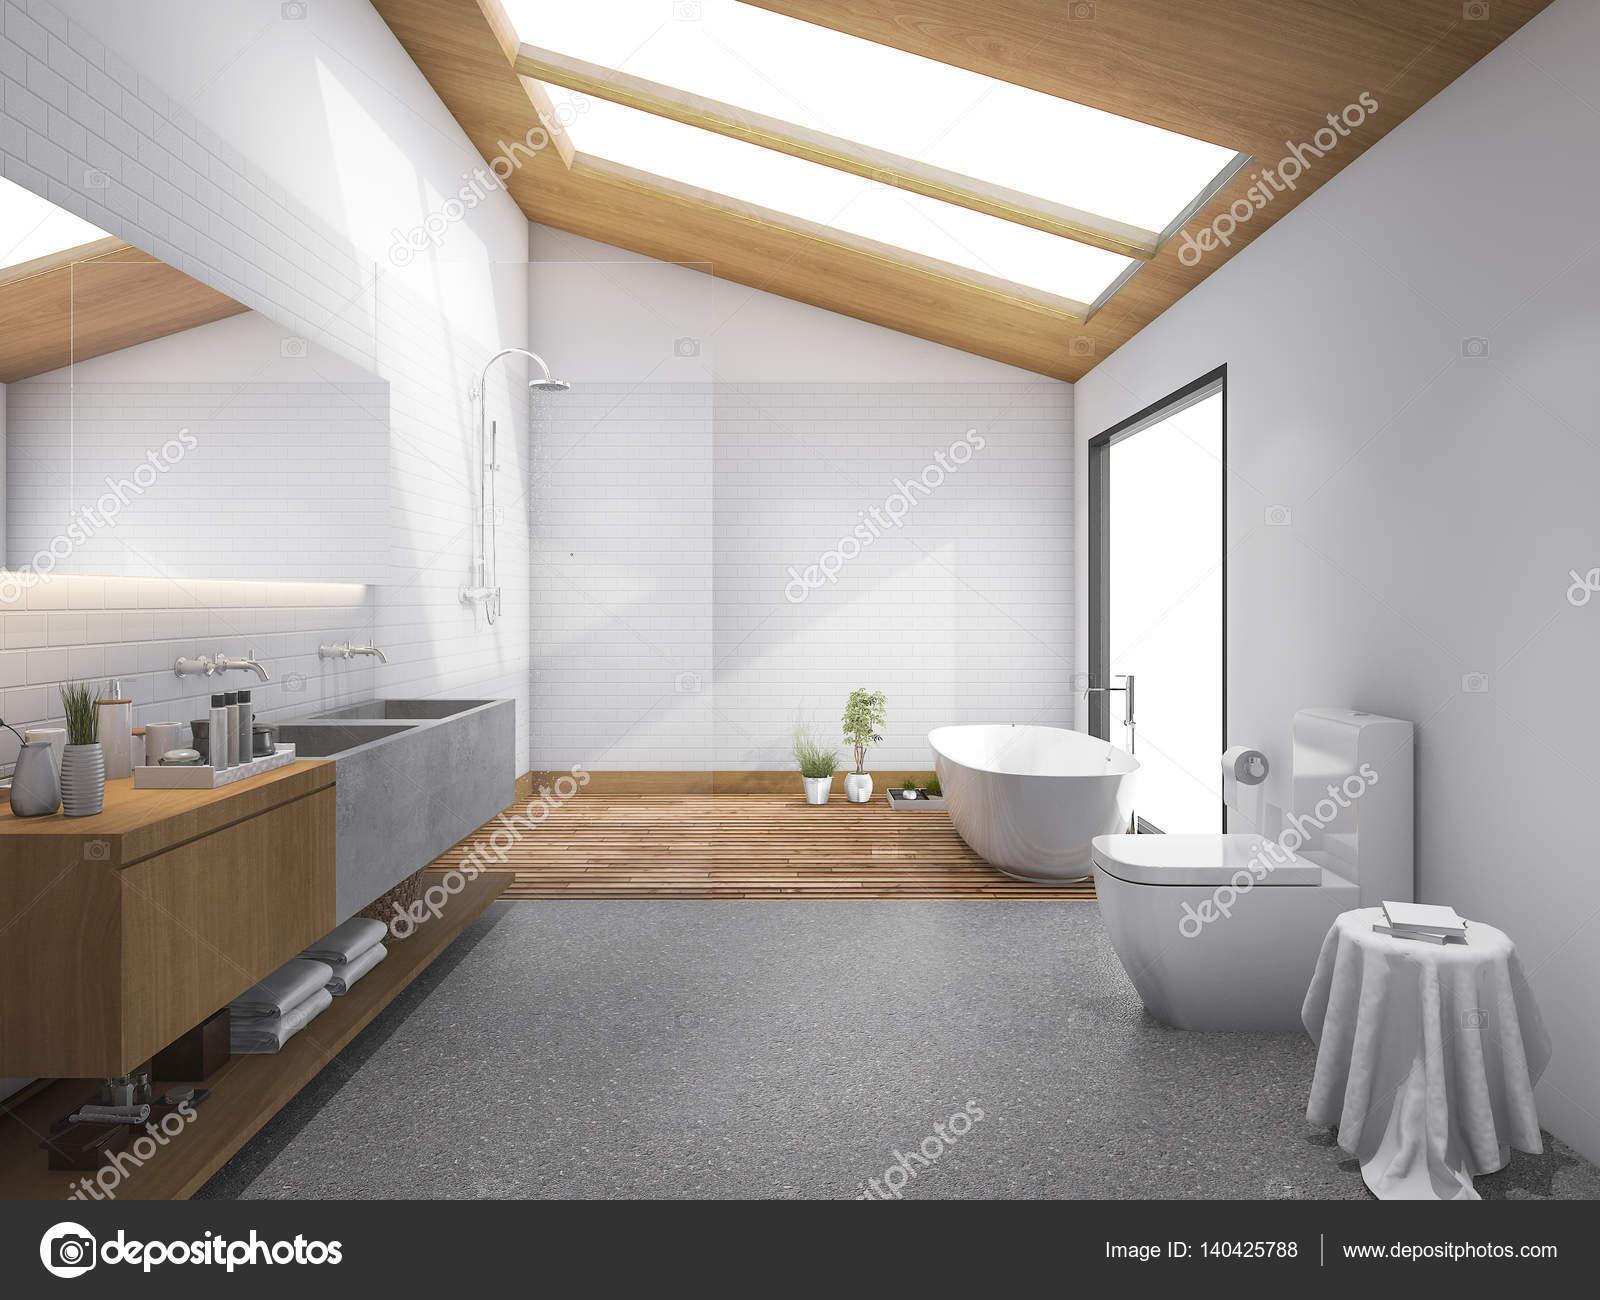 Dakraam In Badkamer : D rendering dakraam houten dak met moderne badkamer en toilet